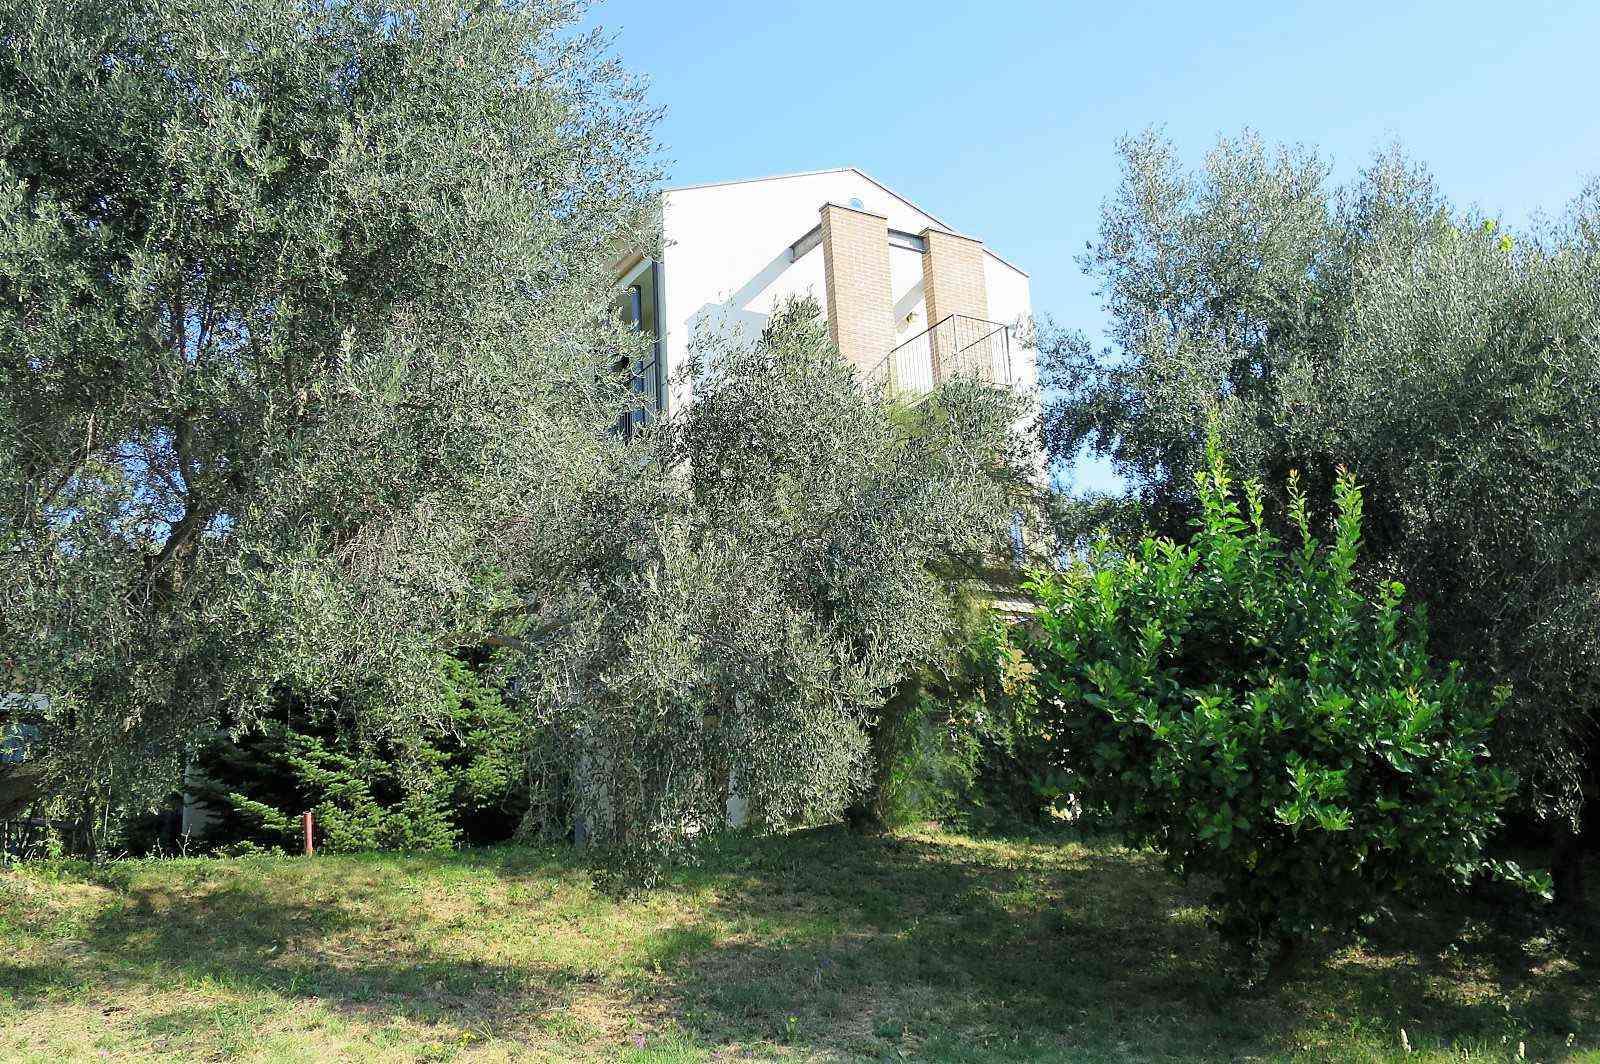 Villa Villa for sale Atri (TE), Villa Paola - Atri - EUR 473.281 310